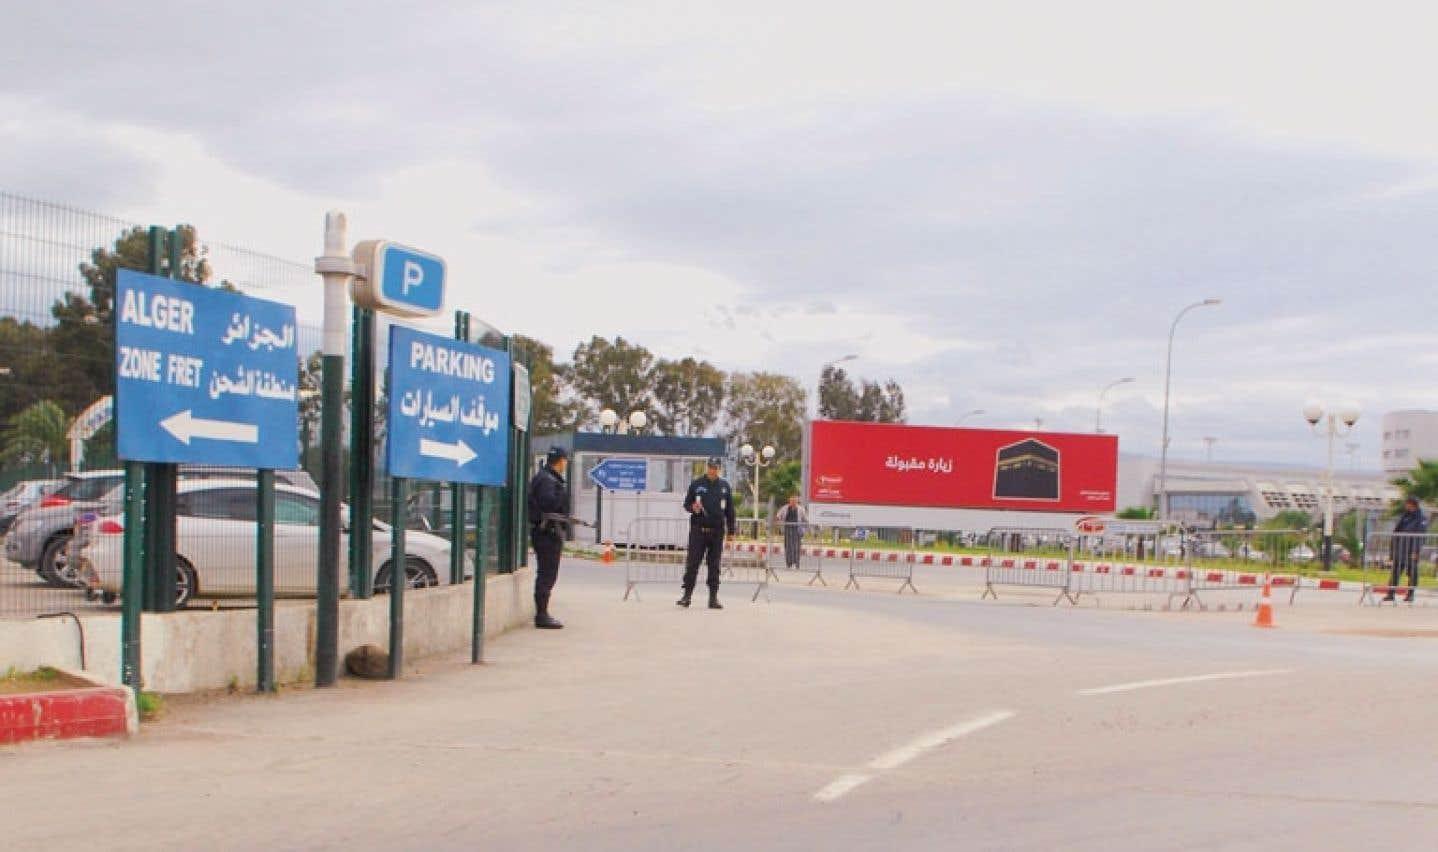 Prise d'otages en Algérie - Le sort de plusieurs étrangers reste incertain